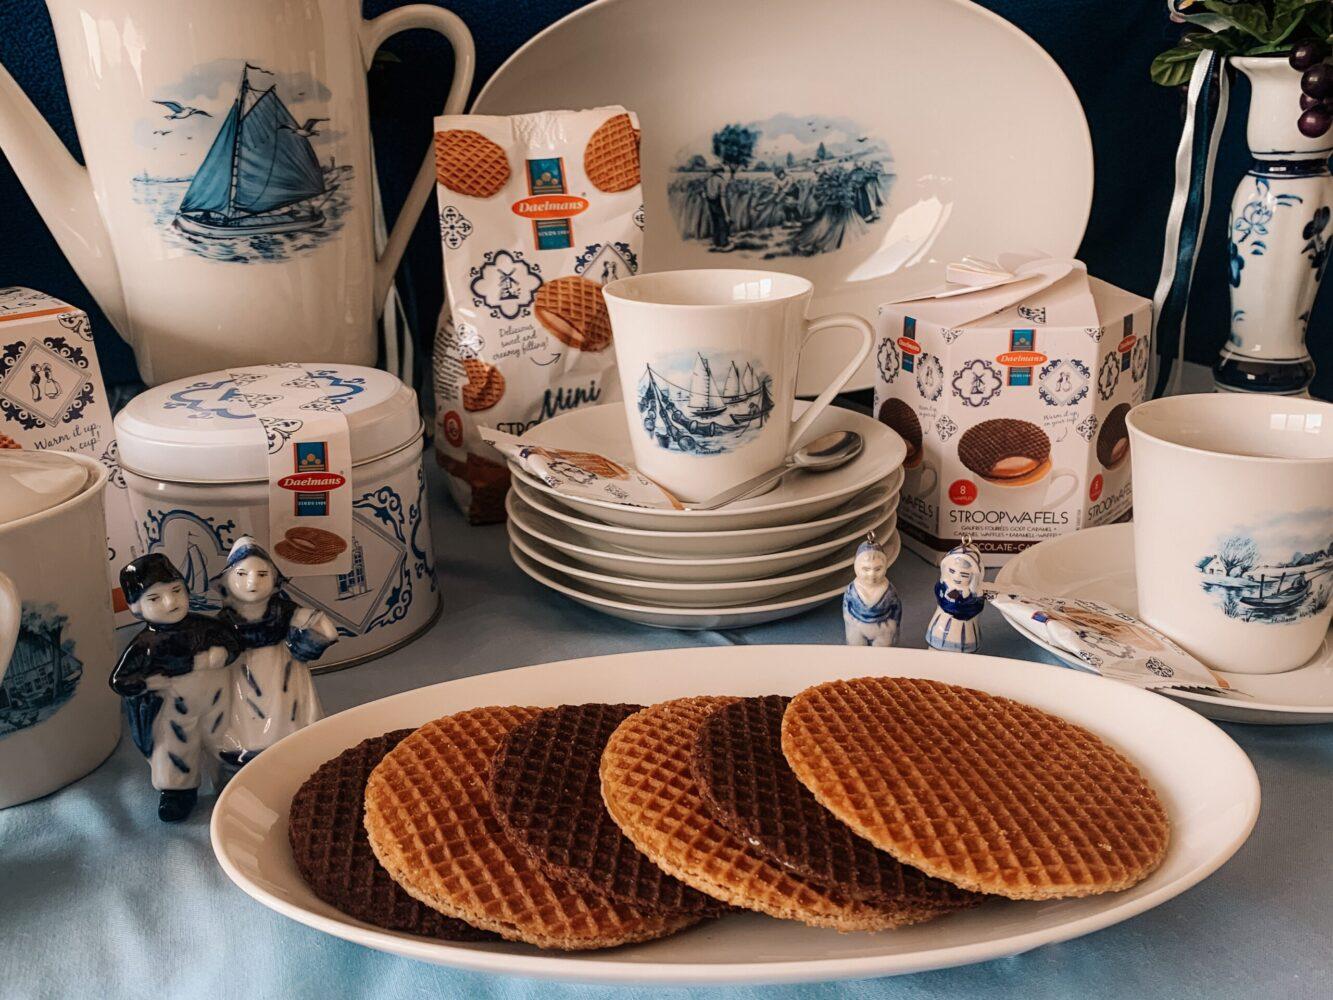 Het Gezinsleven - Lifestyle - koken en recepten - De lekkerste stroopwafels - Stroopwafels presenteren